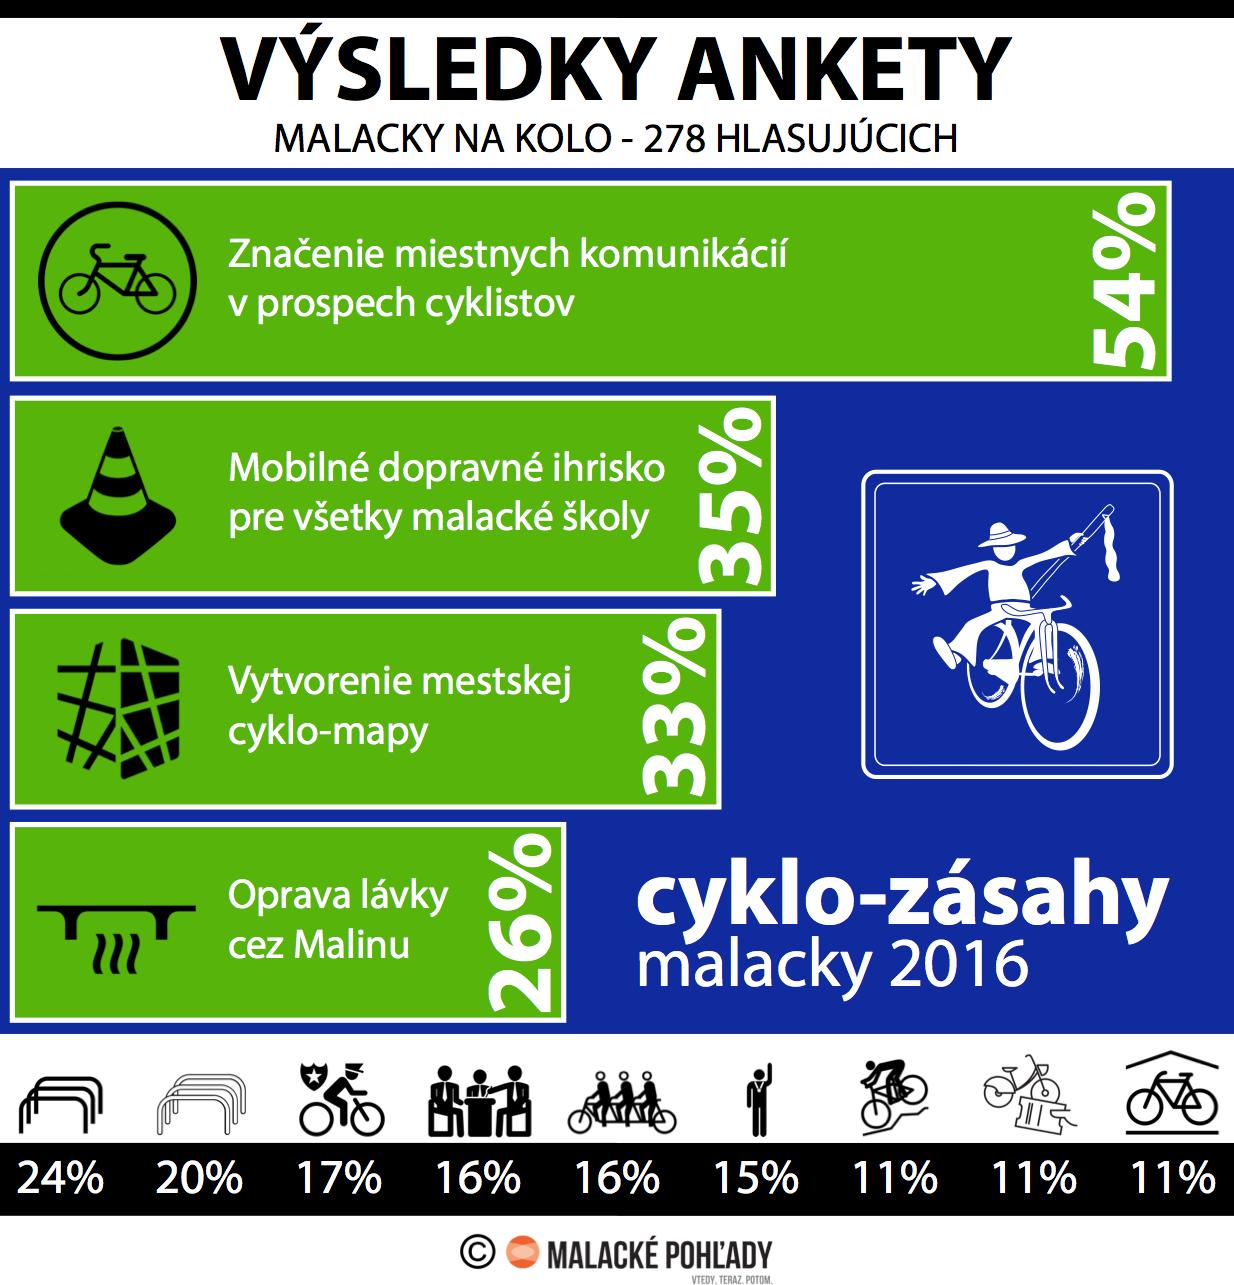 cyklozasahy2016_Final_MA_vysledky